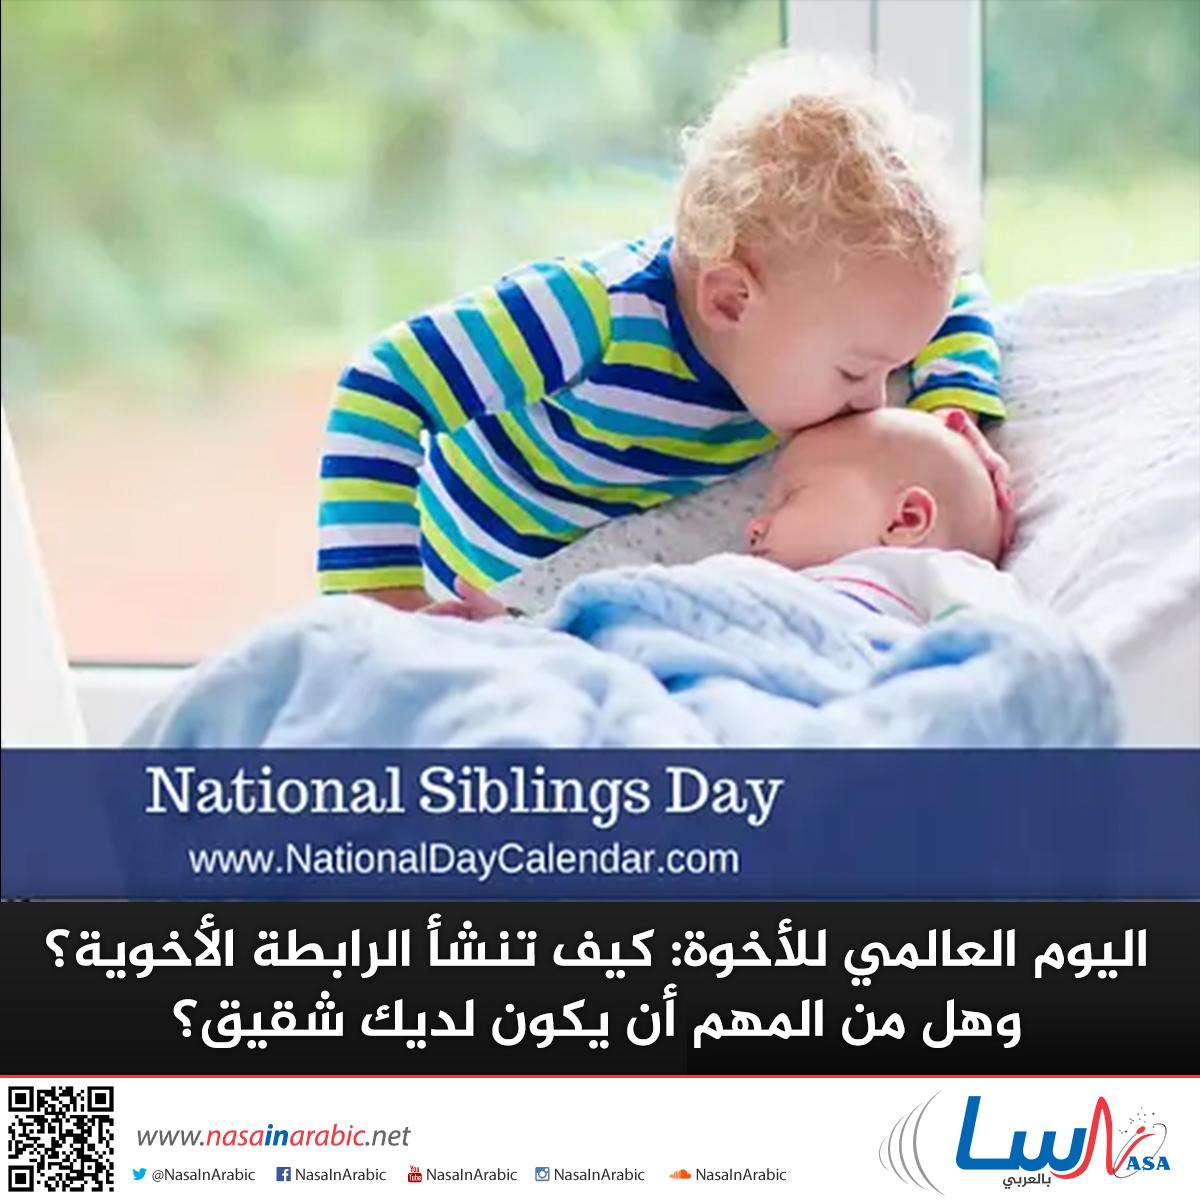 اليوم العالمي للأخوة: كيف تنشأ الرابطة الأخوية؟ وهل من المهم أن يكون لديك شقيق؟